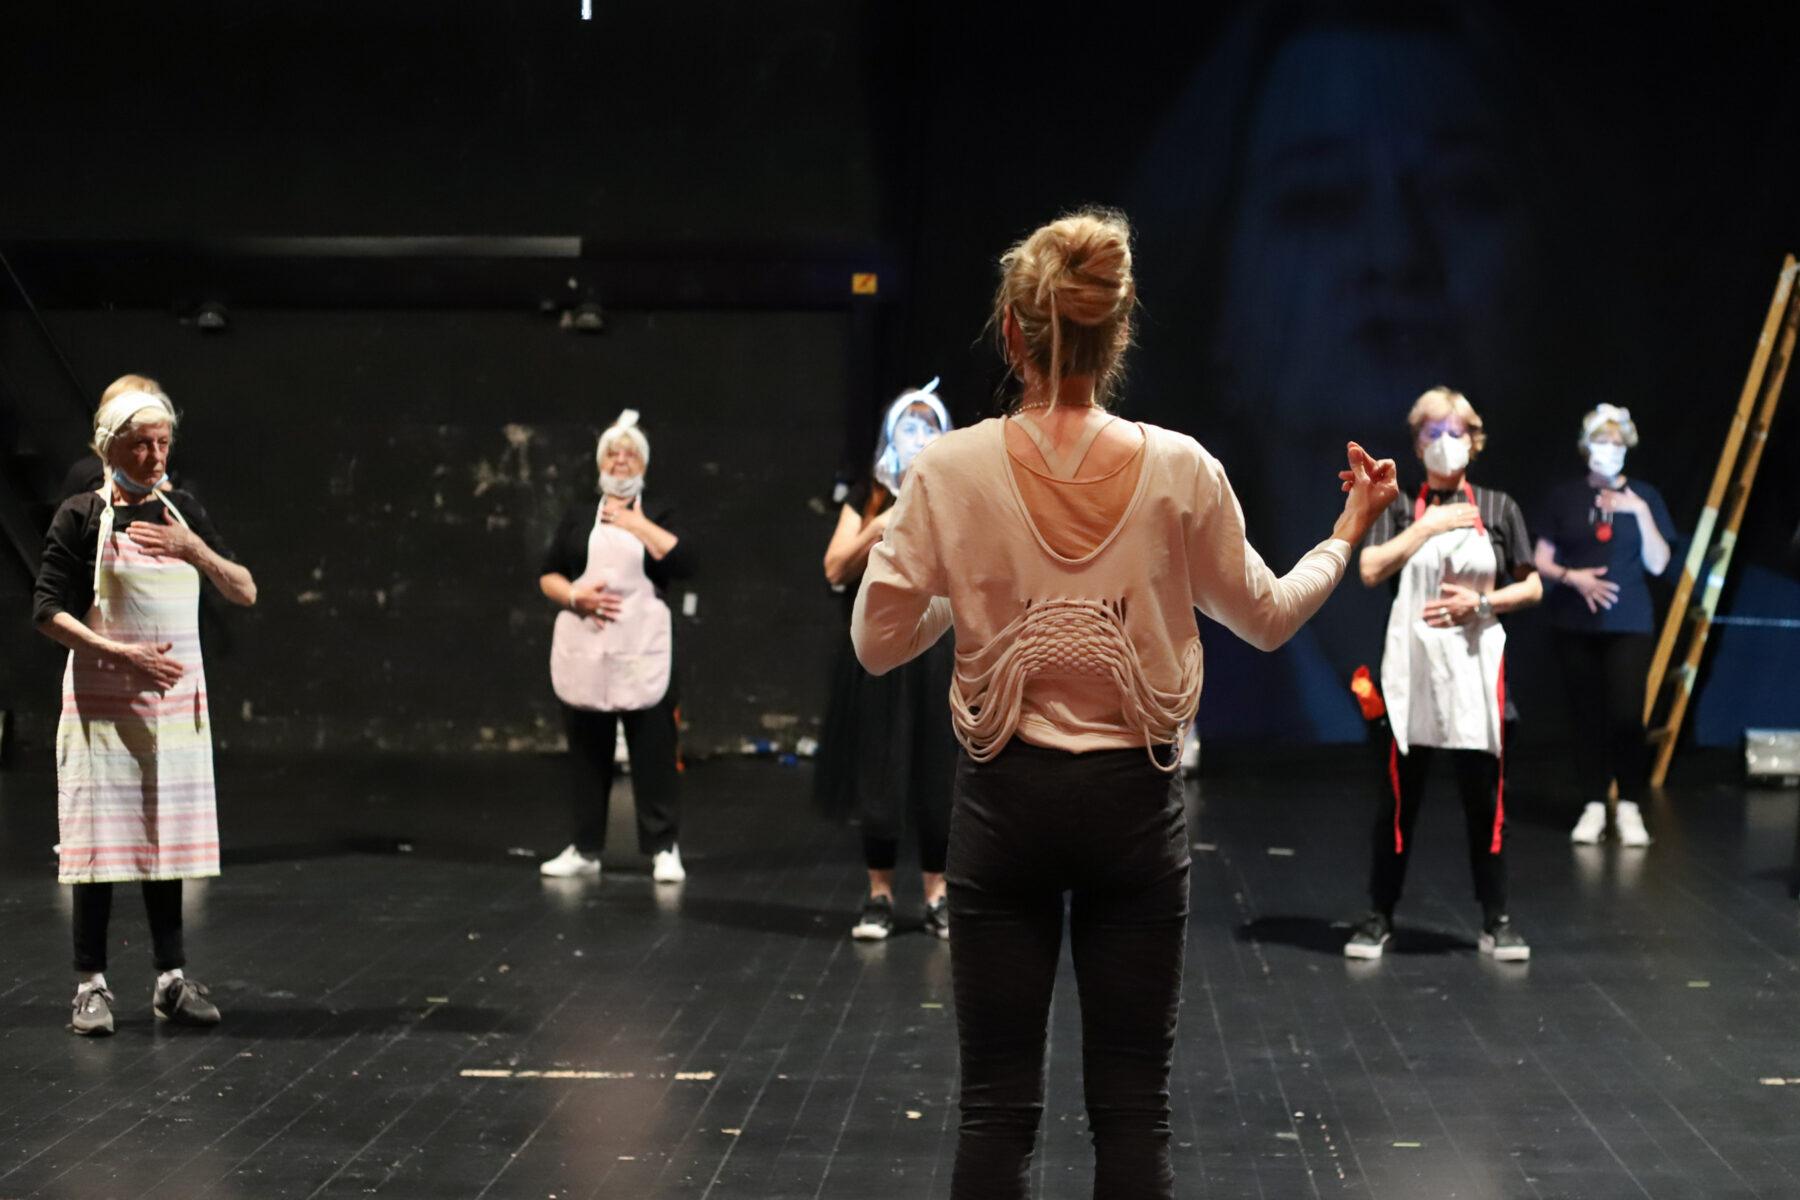 Premijera predstave 'Izlazak' u KUC-u Travno